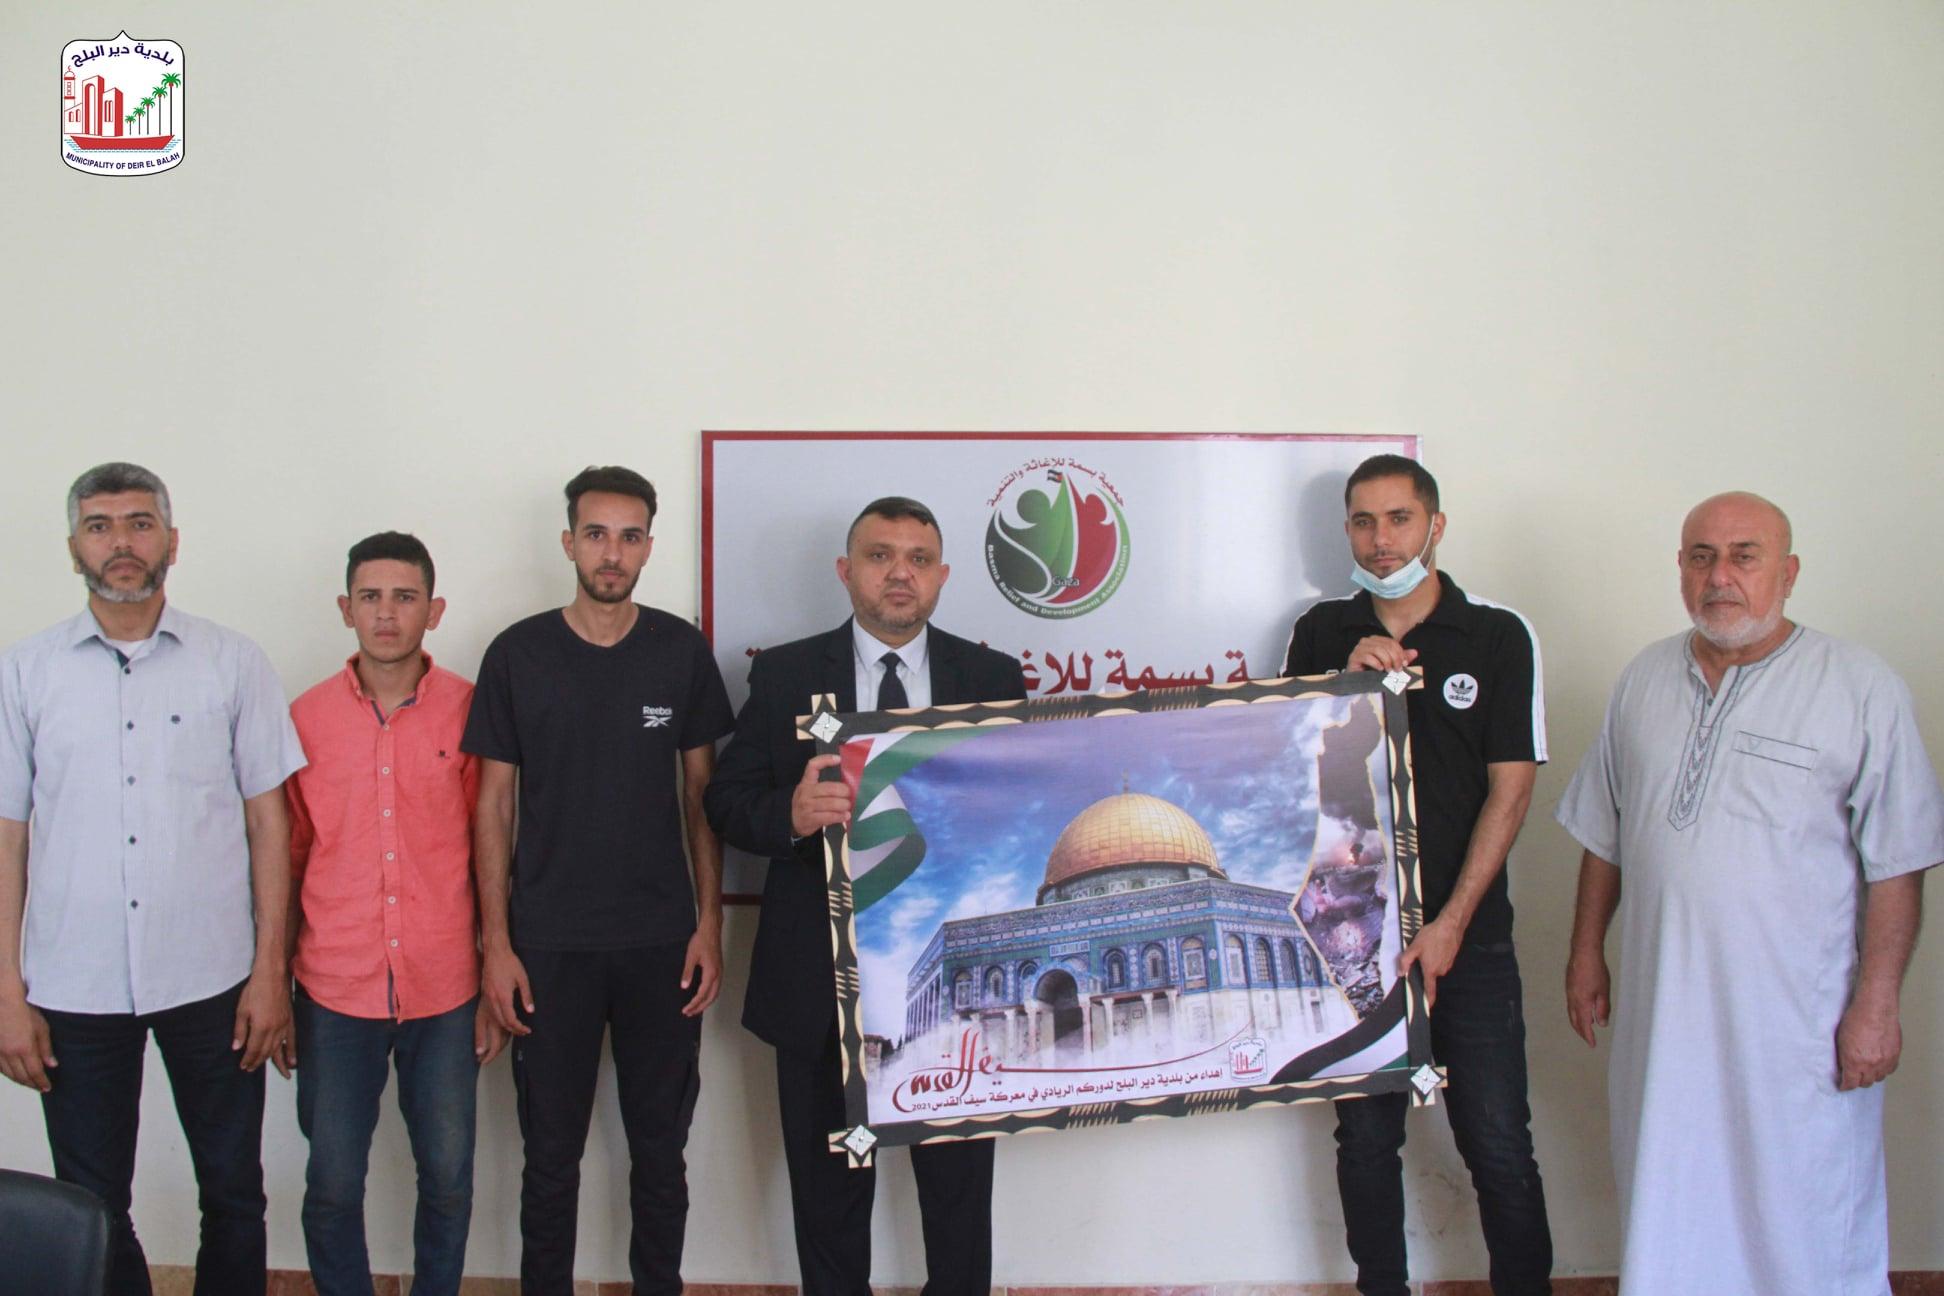 رئيس بلدية دير البلح يثني على دور المؤسسات التي قدمت مساعدات إغاثية للمواطنين خلال الحرب